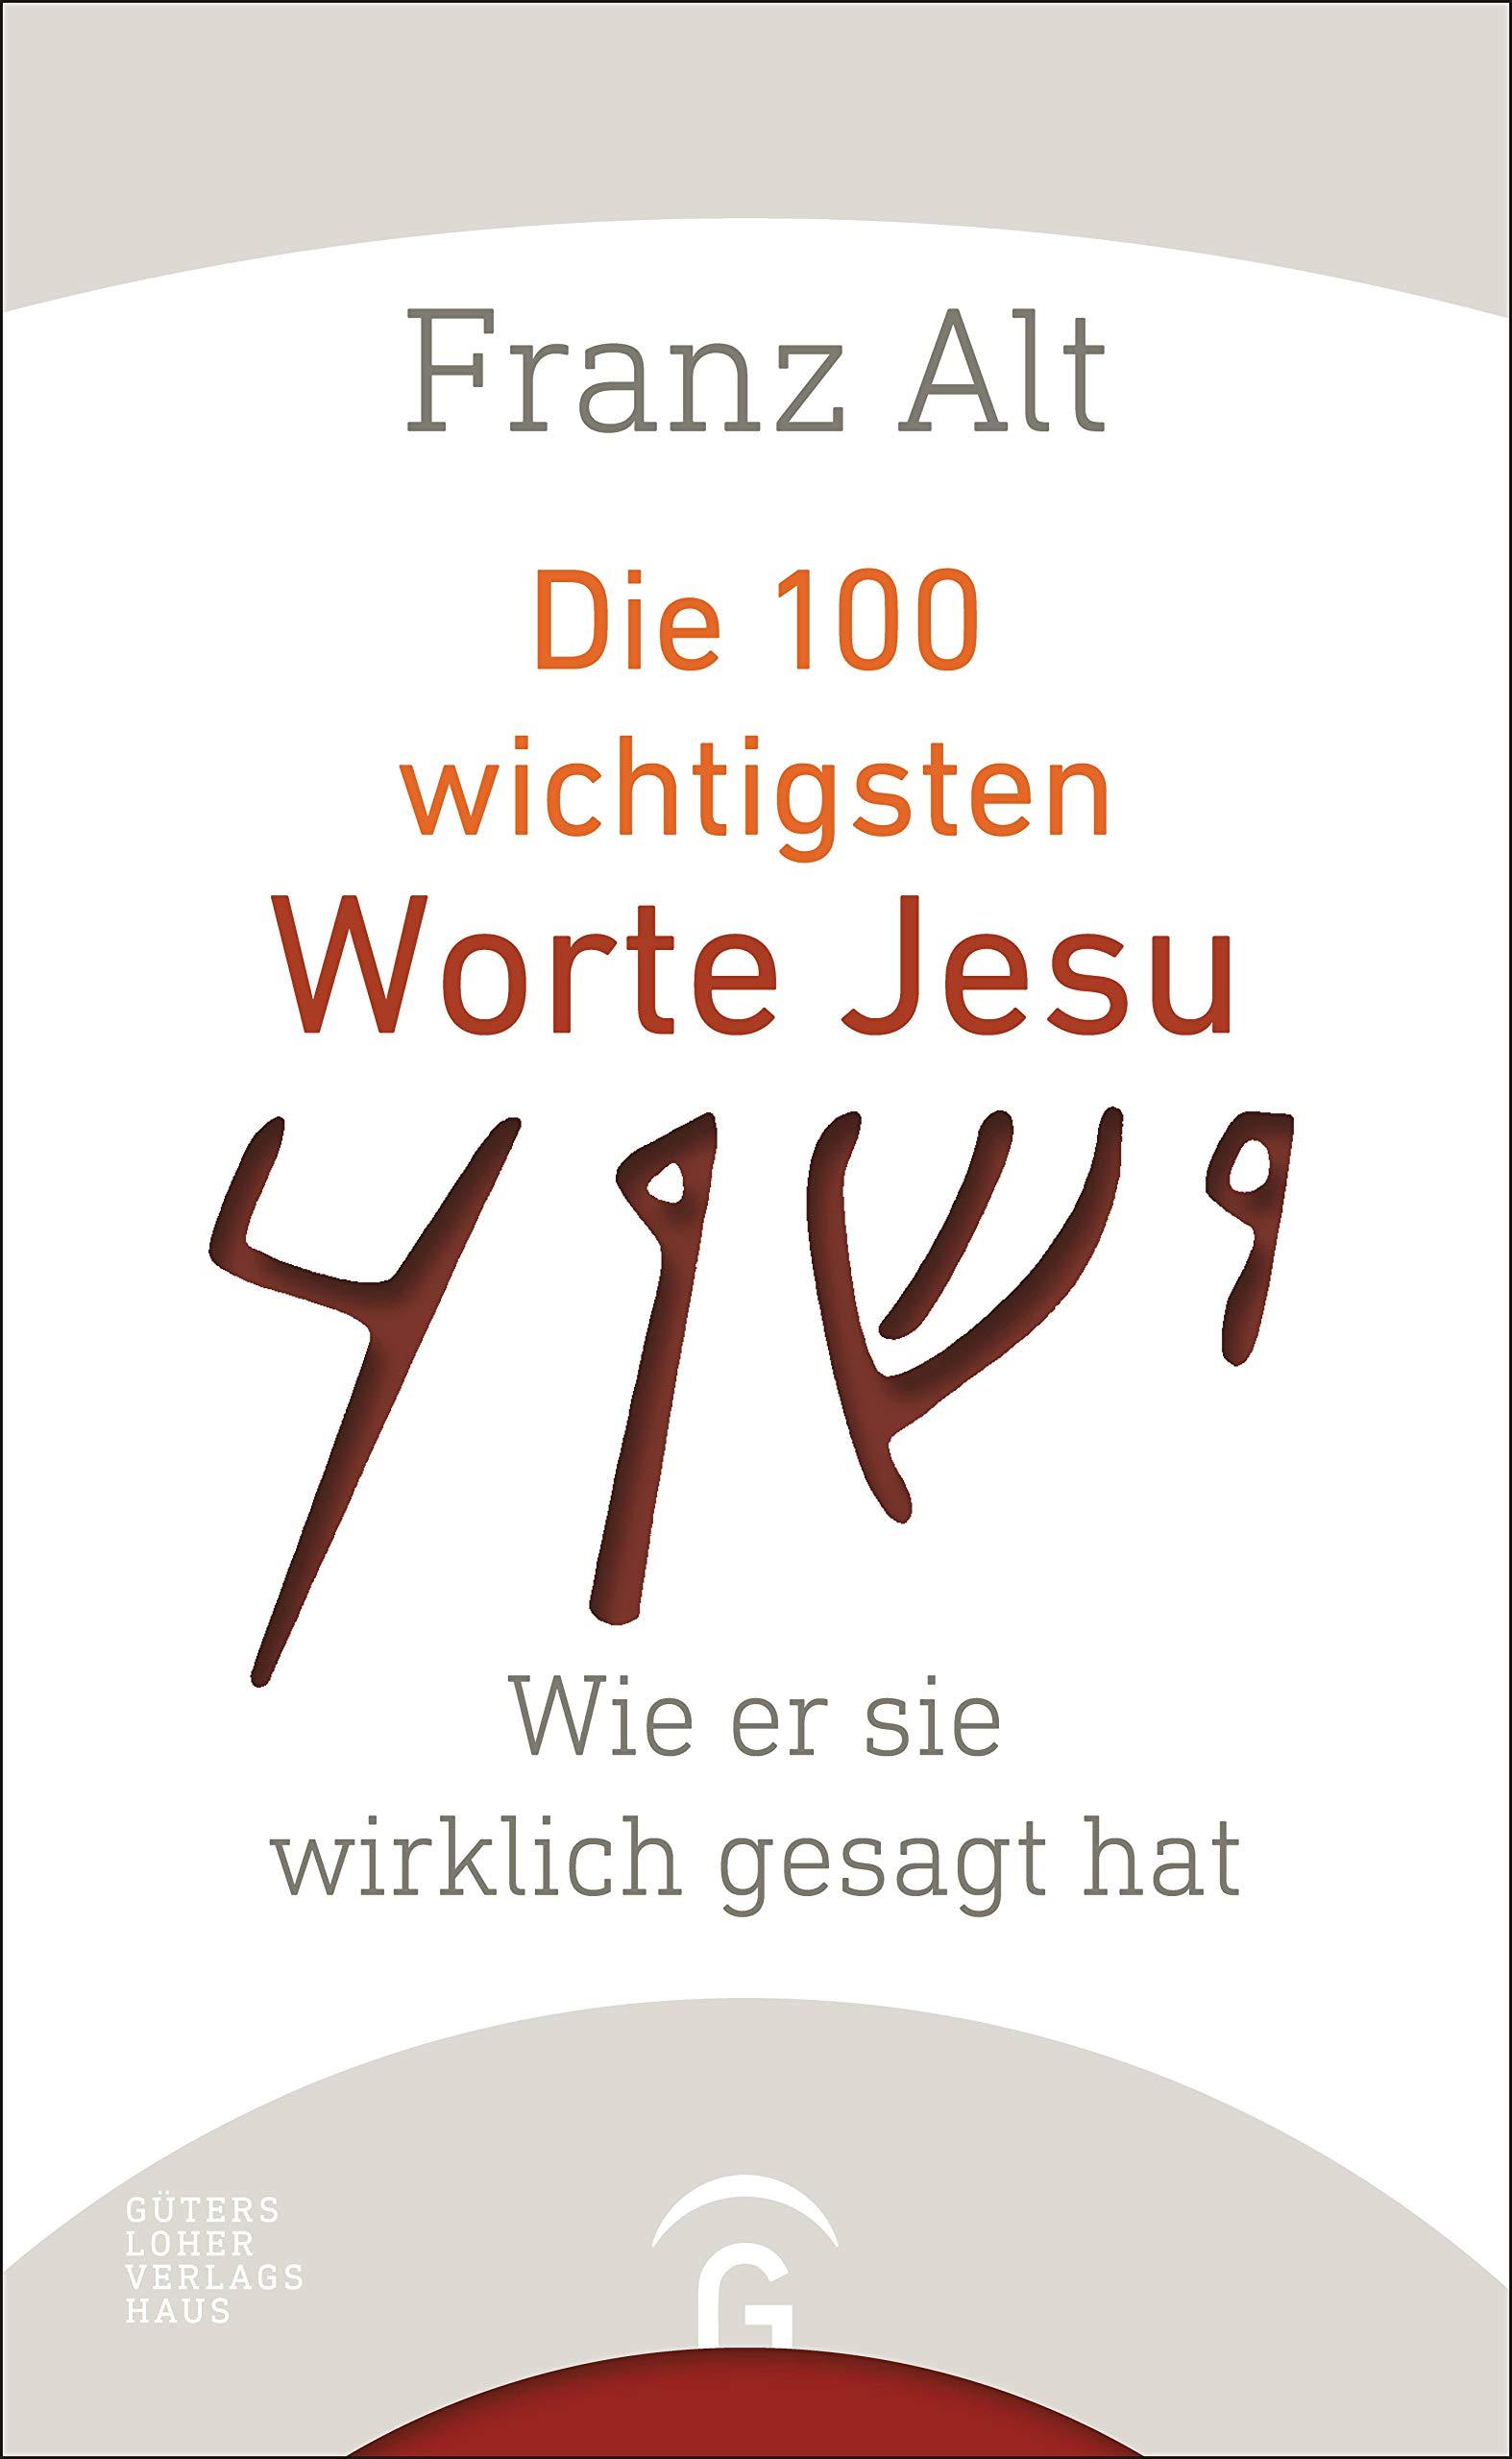 Jesus Karte Ziehen.Die 100 Wichtigsten Worte Jesu Wie Er Sie Wirklich Gesagt Hat